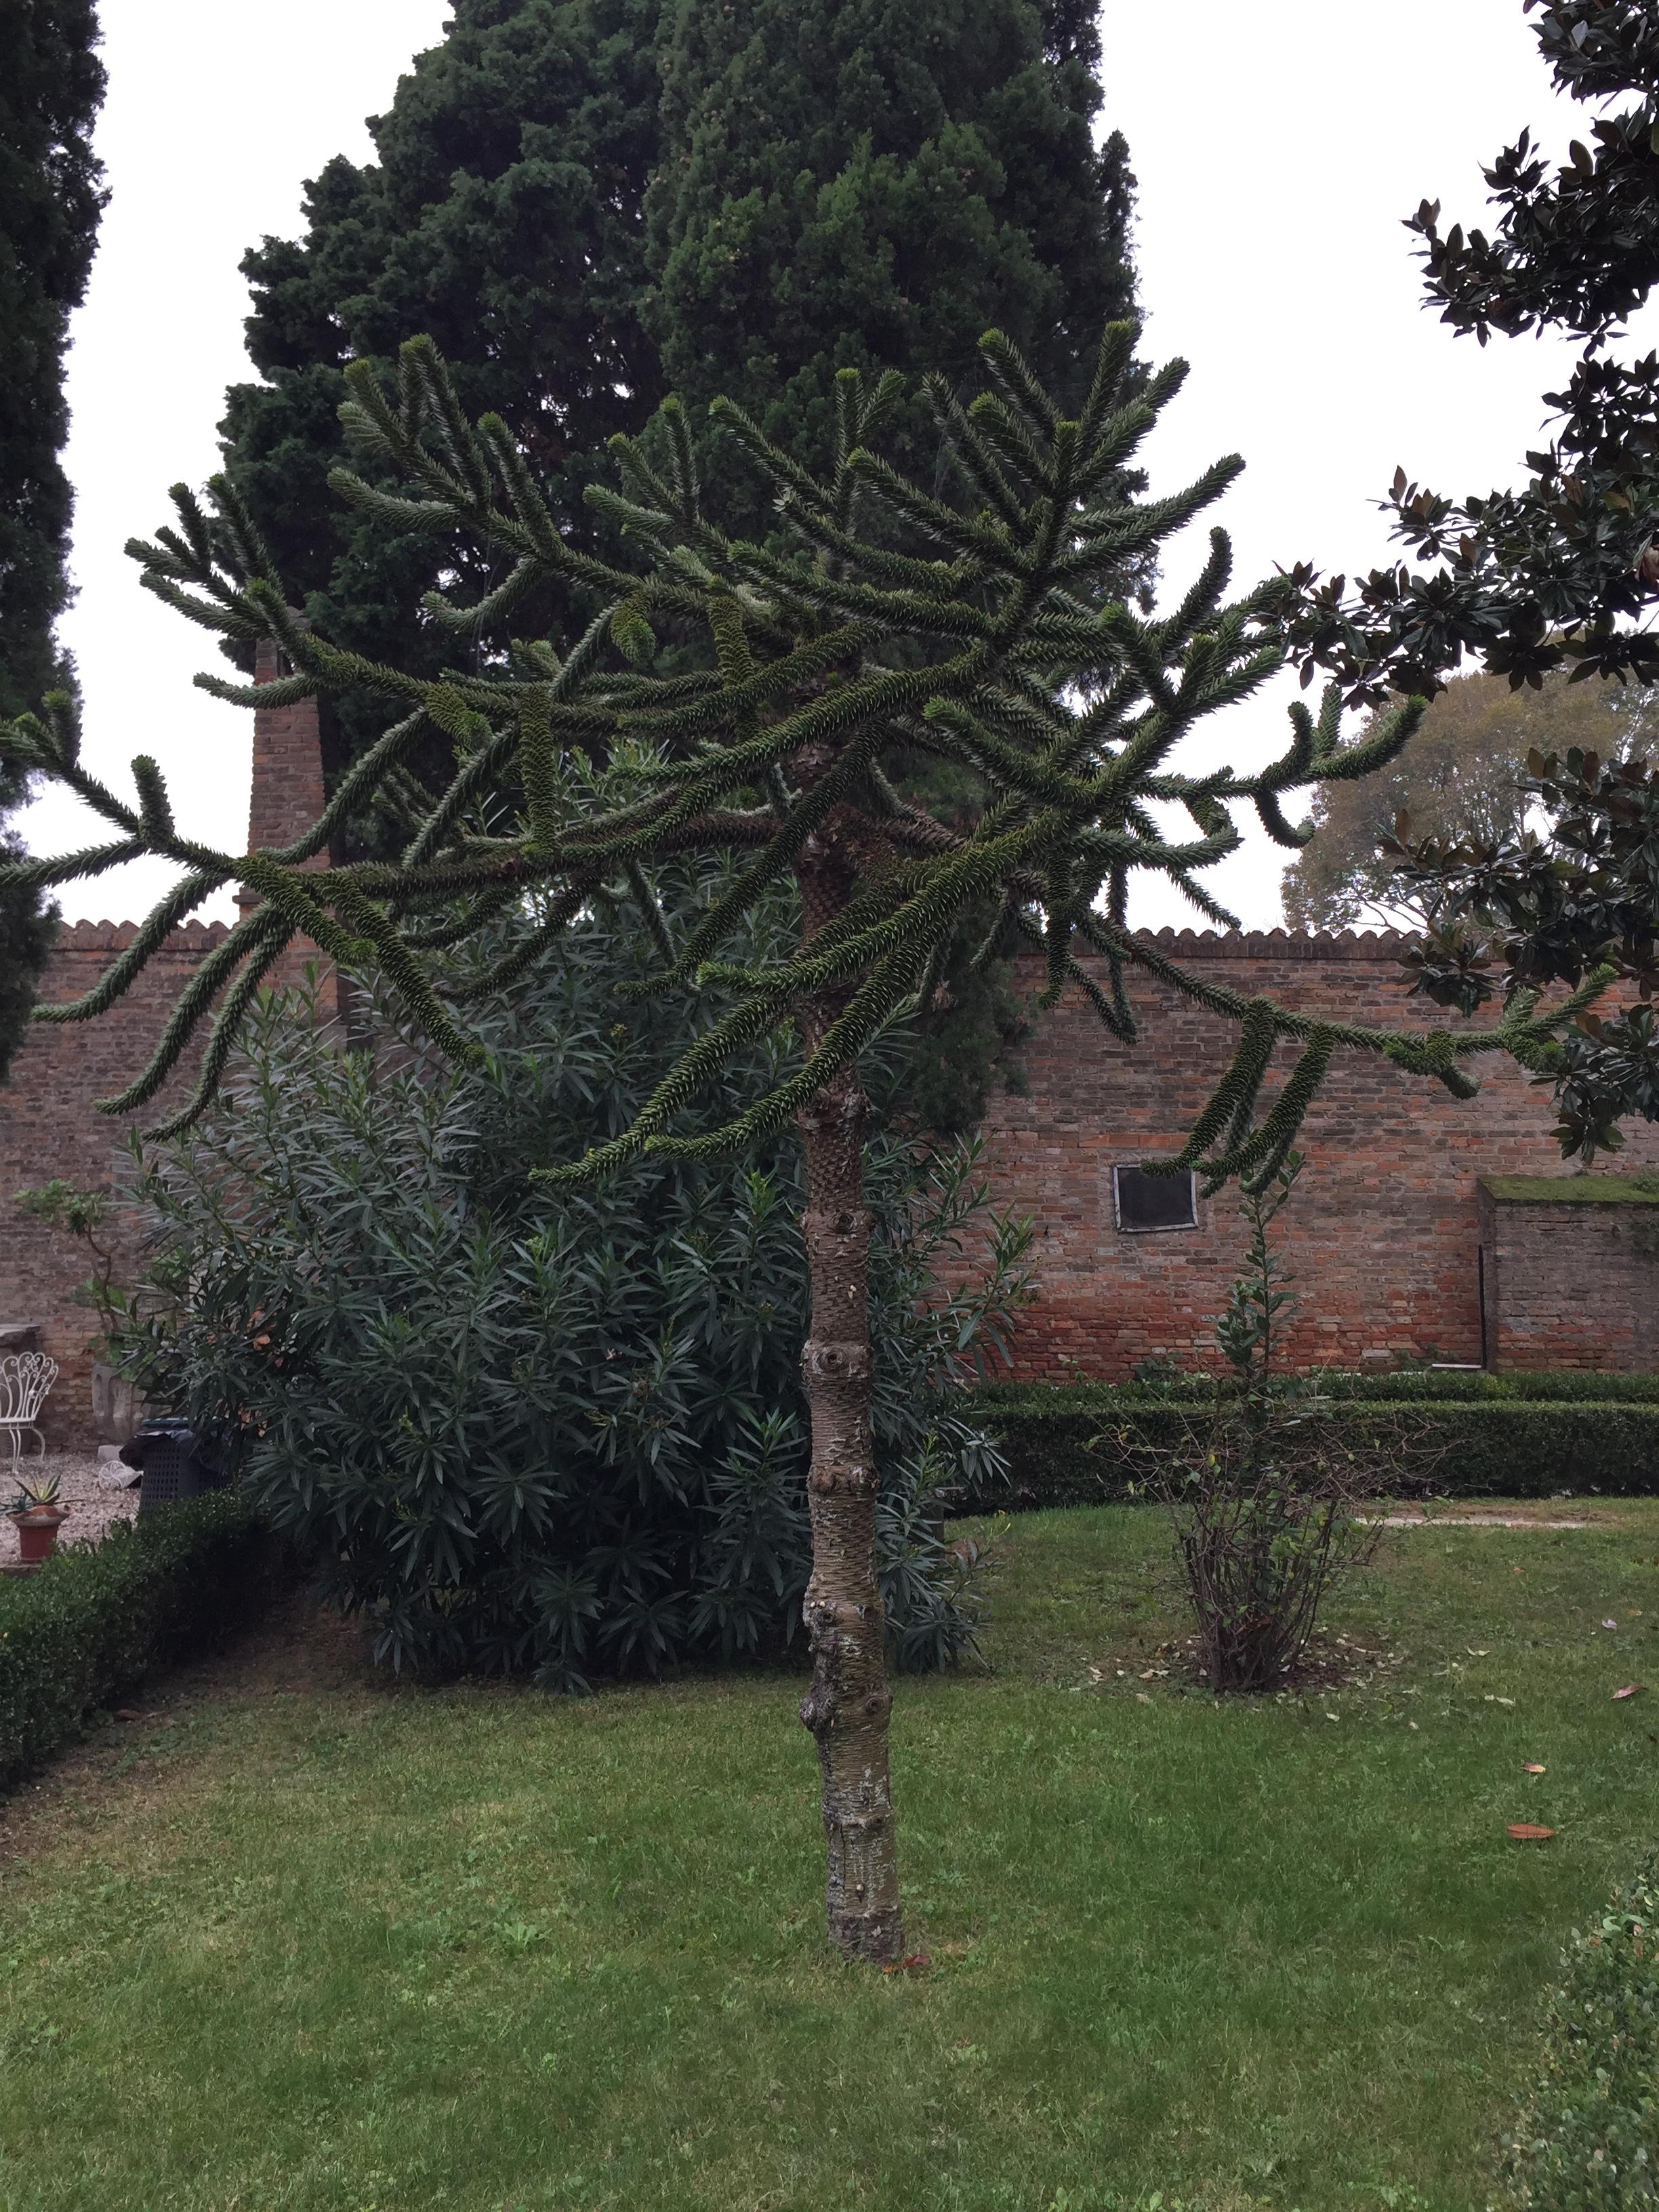 au premier plan l'Araucaria, épineux dans son écorce et au sommet de ses feuilles et donc appelé désespoir du singe